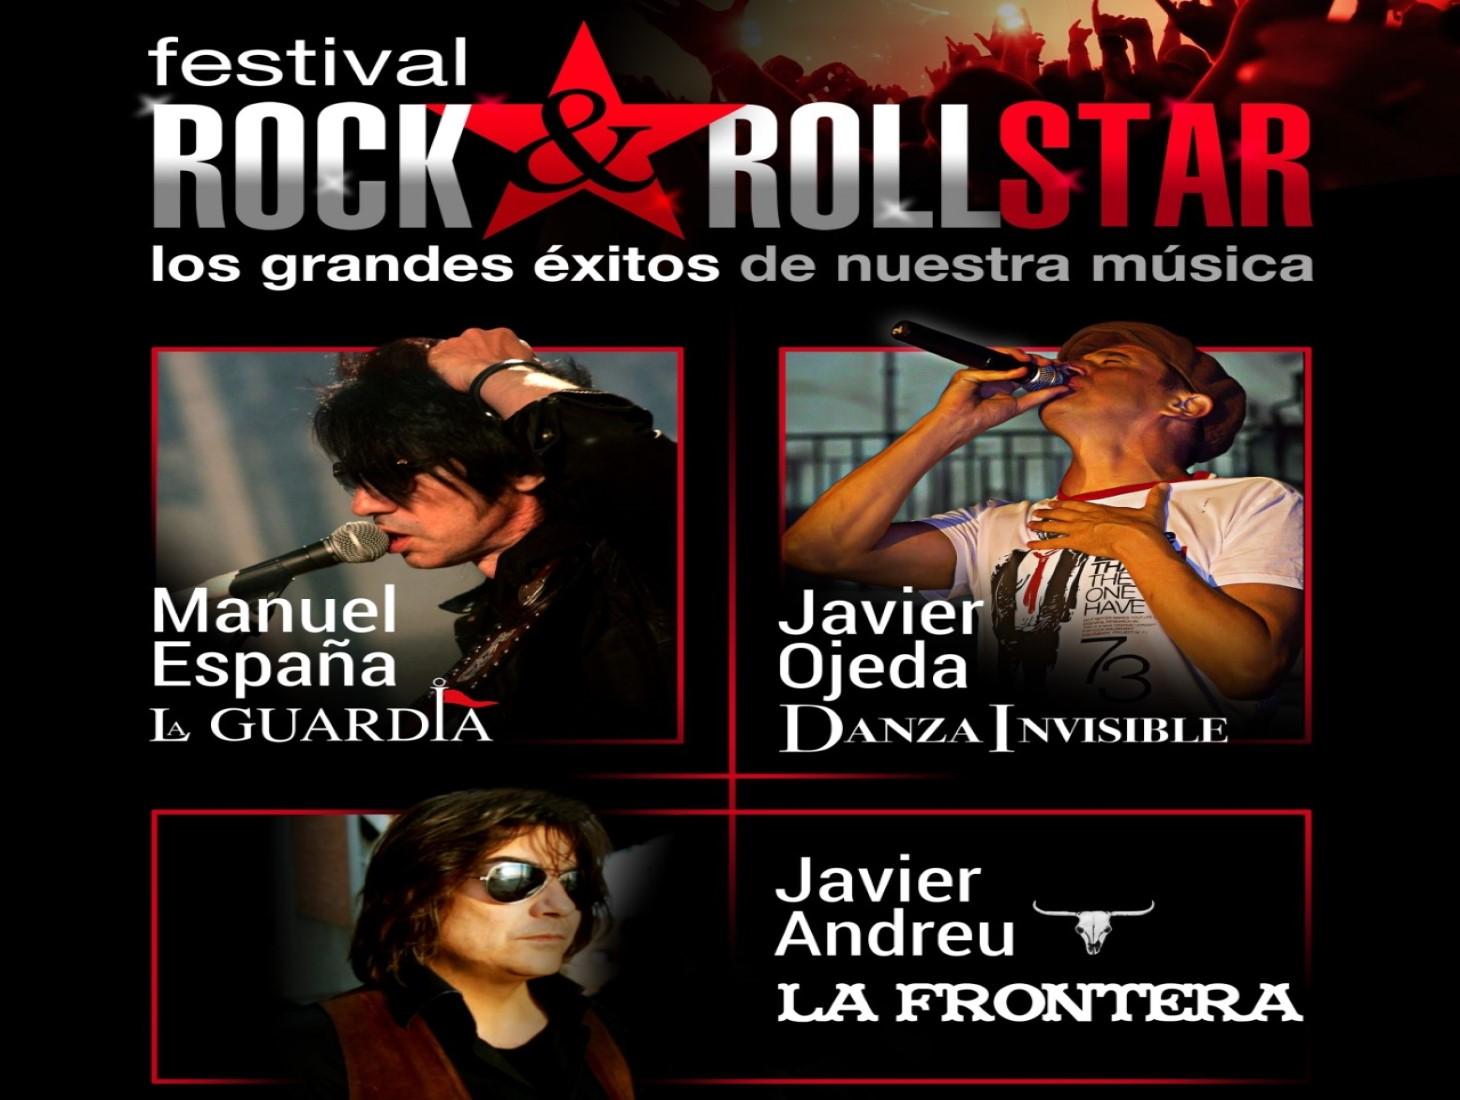 festival-rock-and-roll-star-con-la-guardia-la-frontera-danza-inv-5dc9996e9442b.jpeg